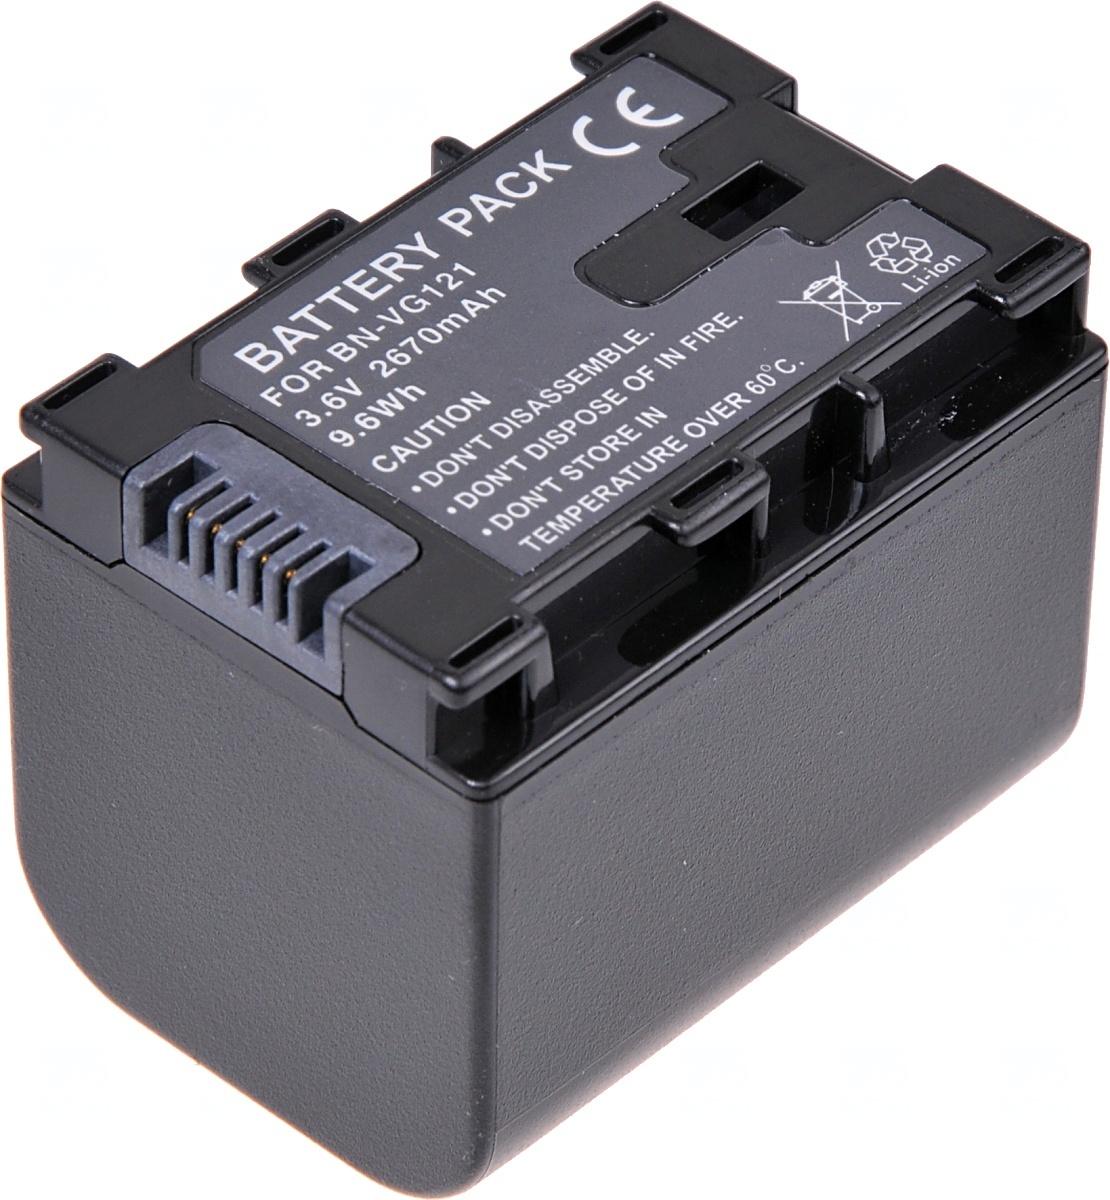 Baterie T6 power JVC BN-VG121, BN-VG114, BN-VG107, 2400mAh, 8,6Wh, černá